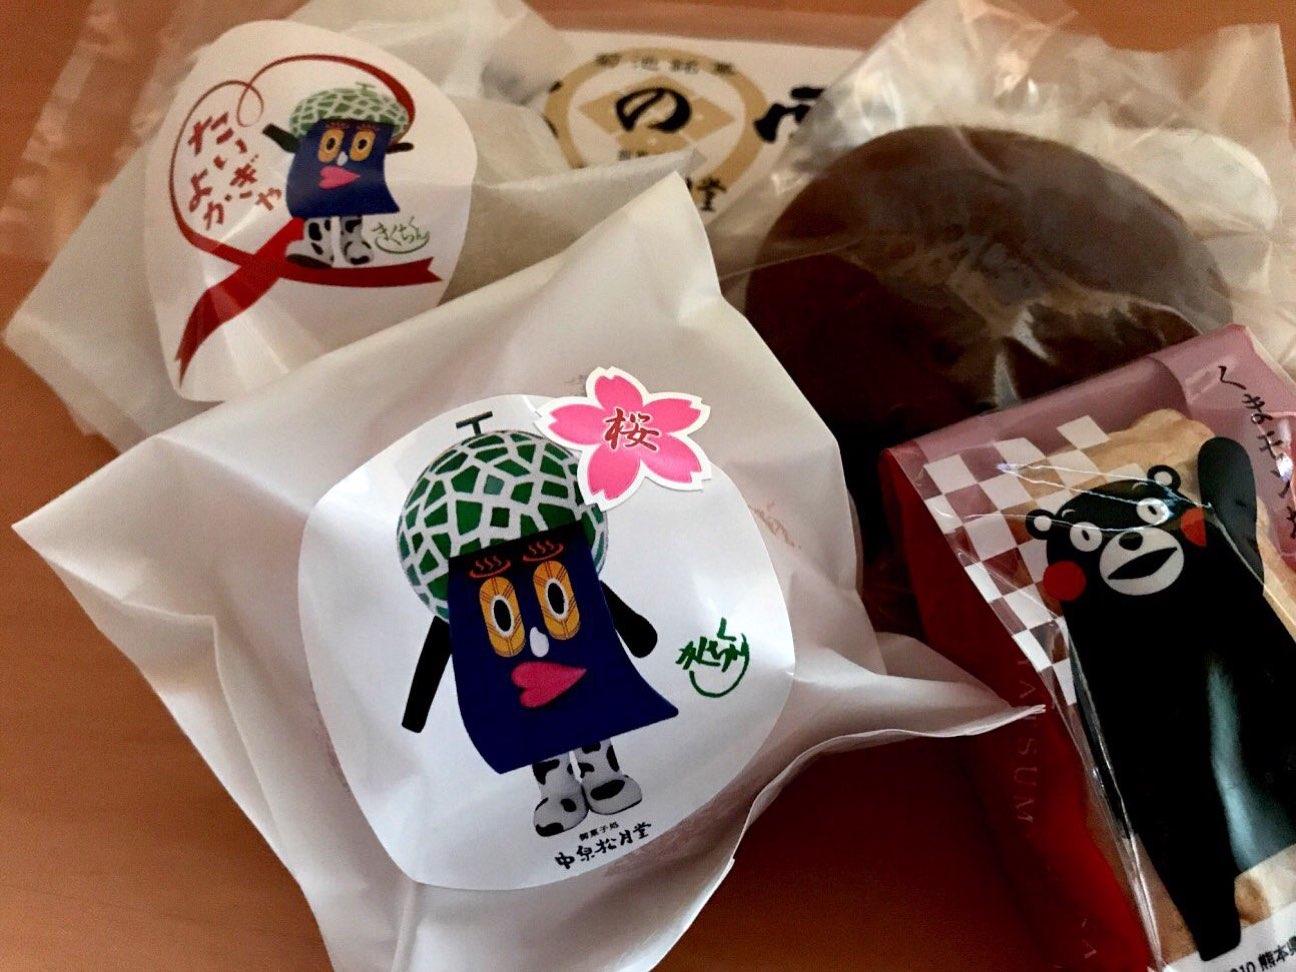 【中原松月堂】熊本!菊池市でこころのこもった和菓子をいただく